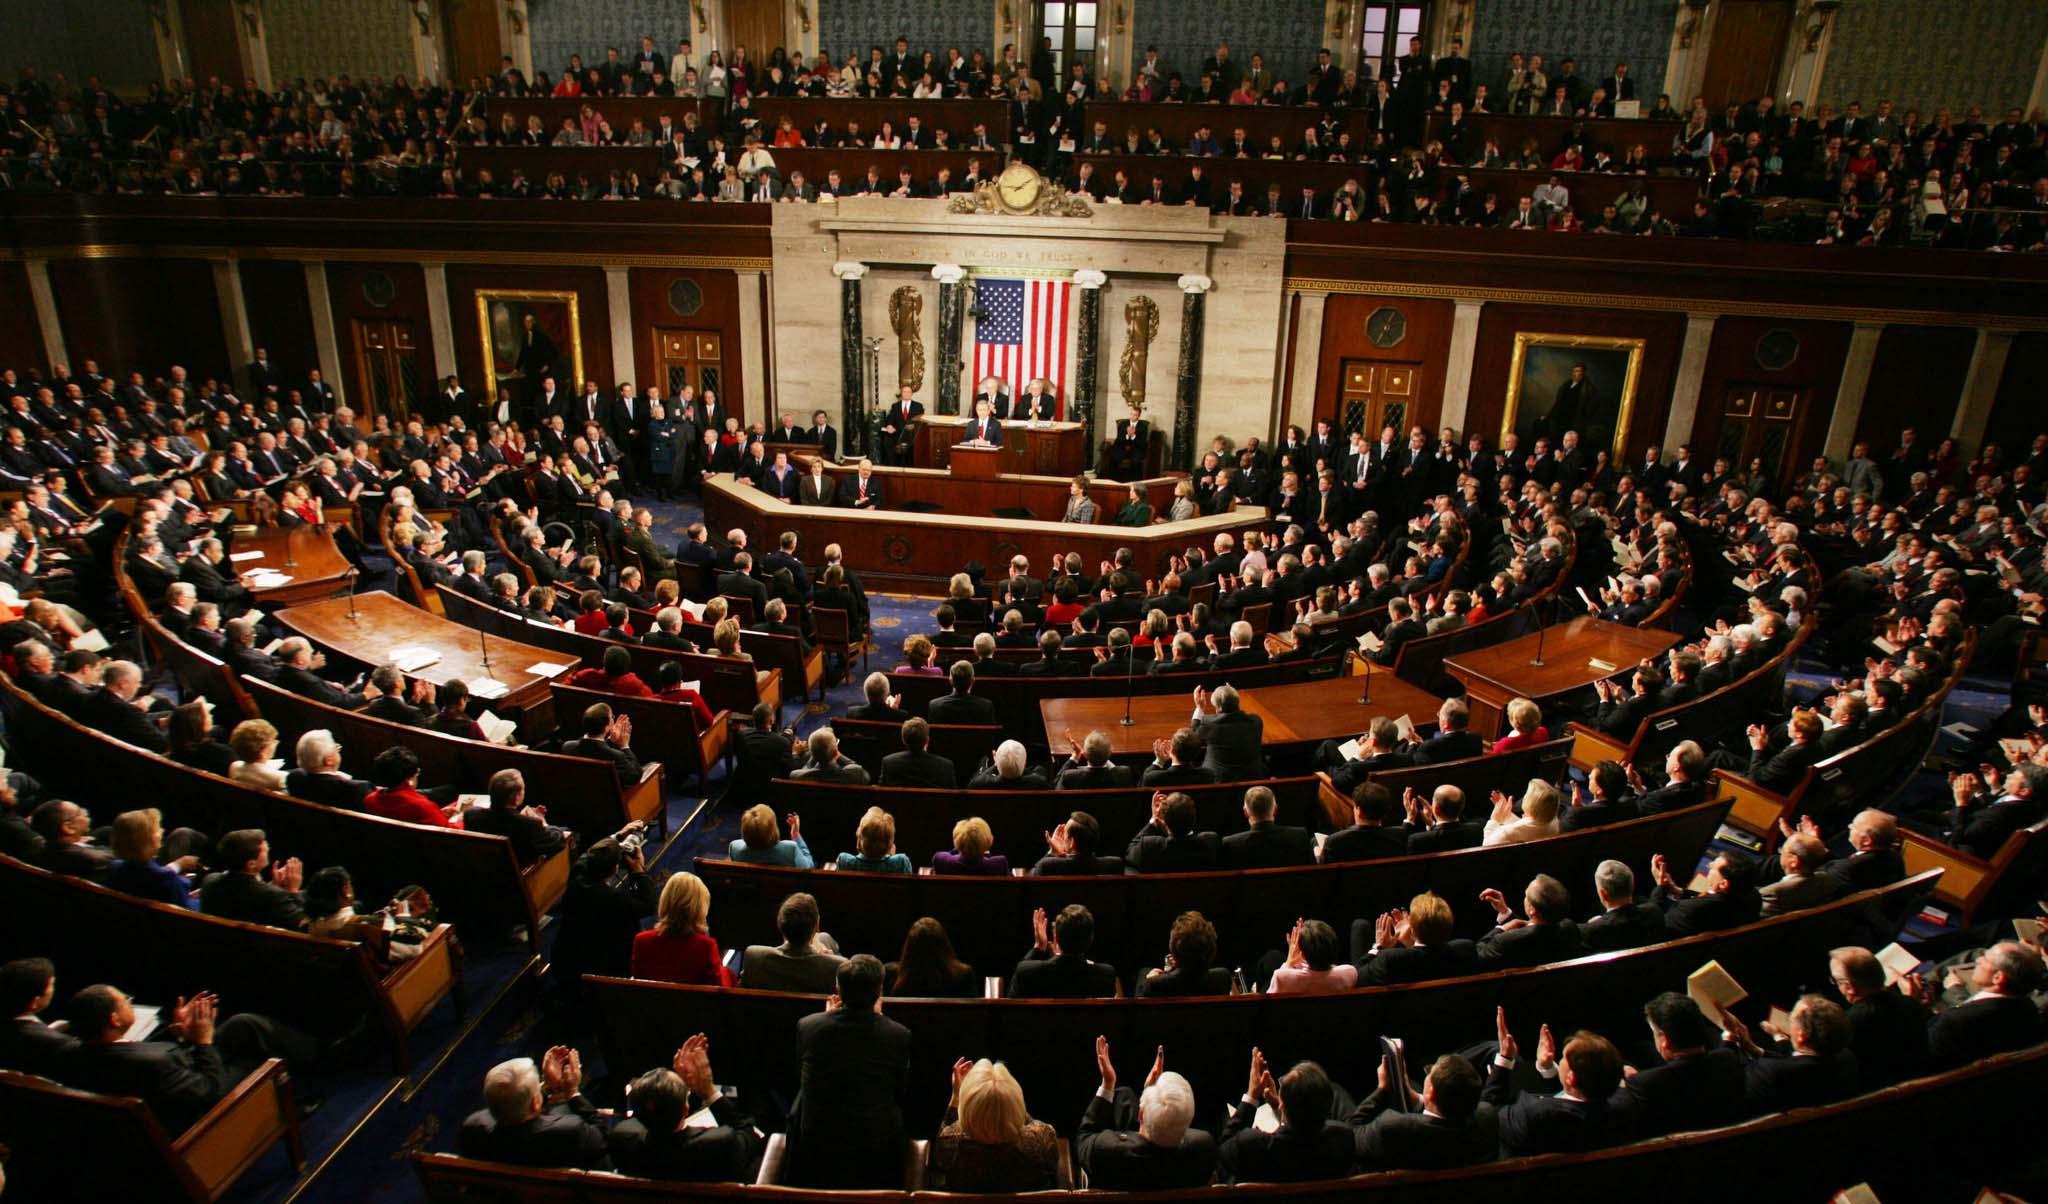 کنگره آمریکا برای جلوگیری از اقدام اروپا در دور زدن تحریمهای ایران چه طرحی دارد؟